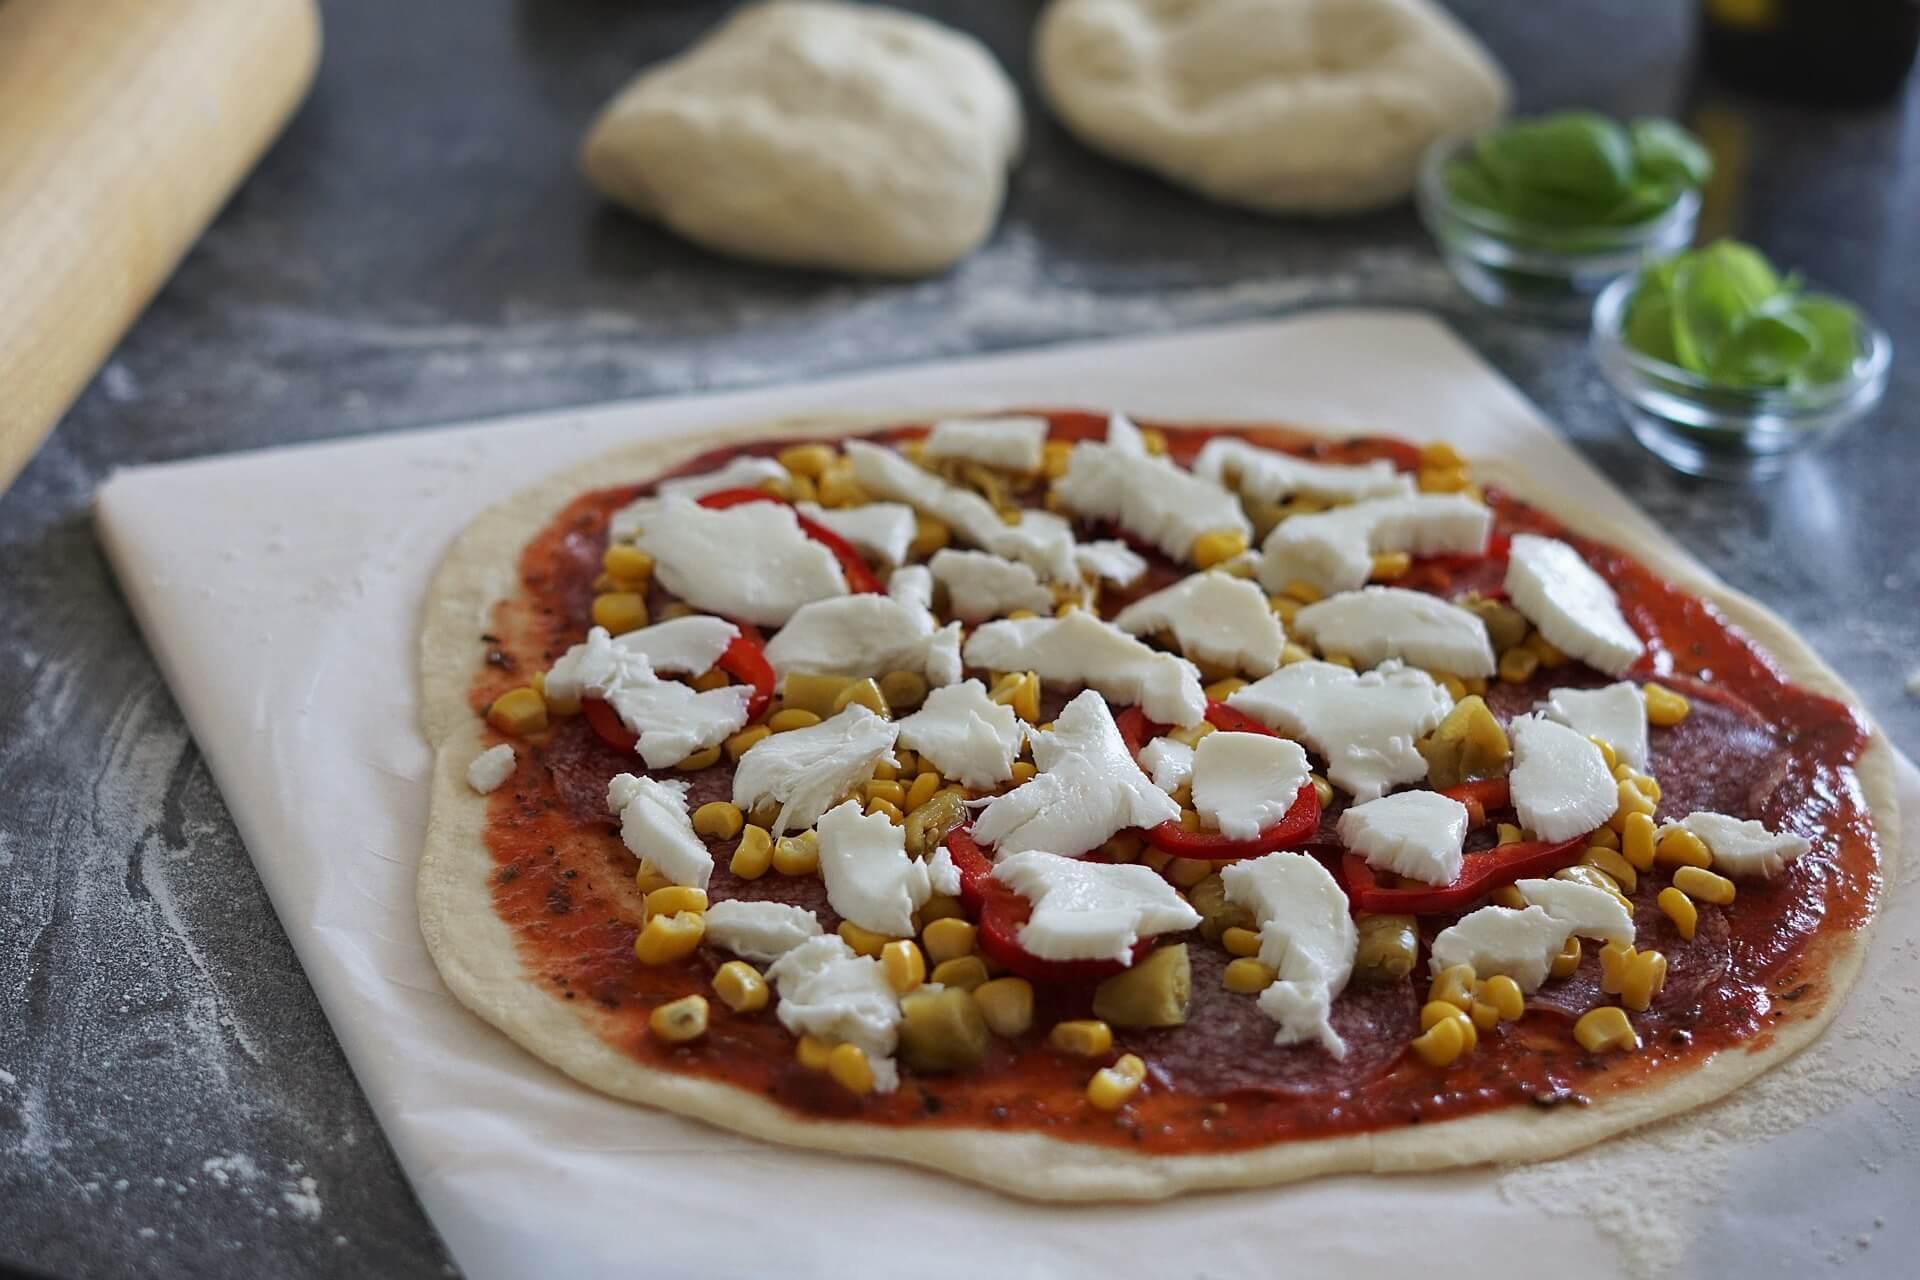 Pizzastein Für Gasgrill Outdoorchef : ᐅ pizzastein die besten pizzasteine im vergleich online